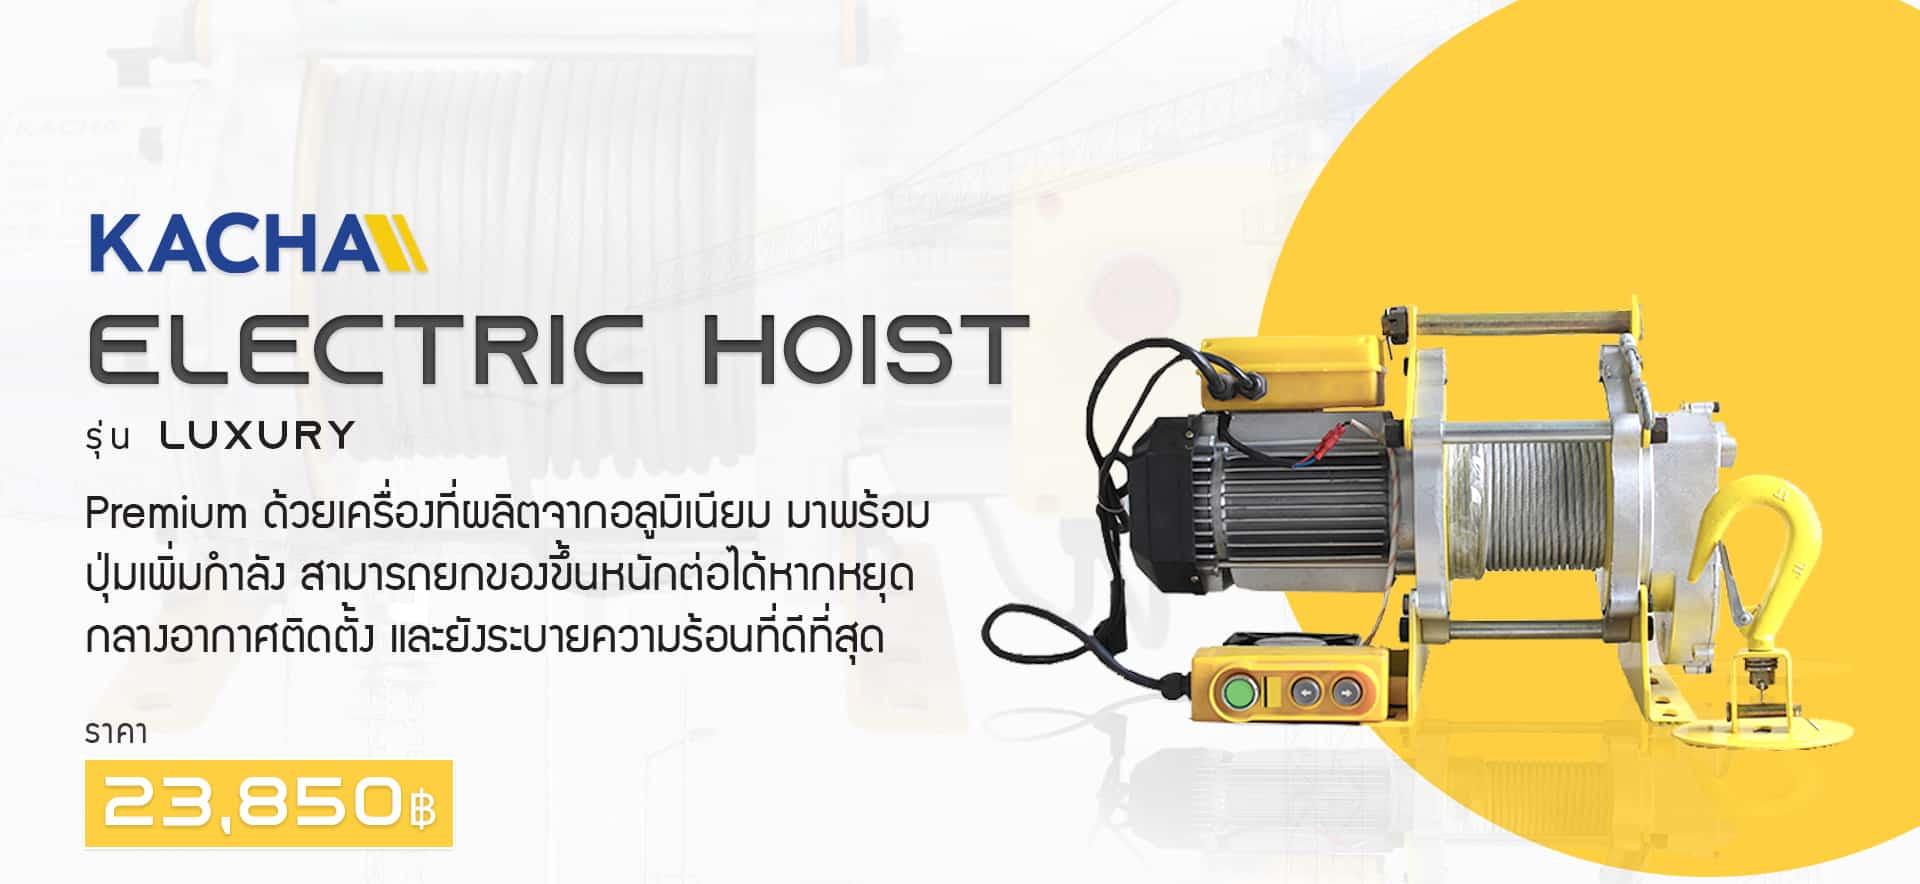 รอกไฟฟ้า - lux - ราคา V2